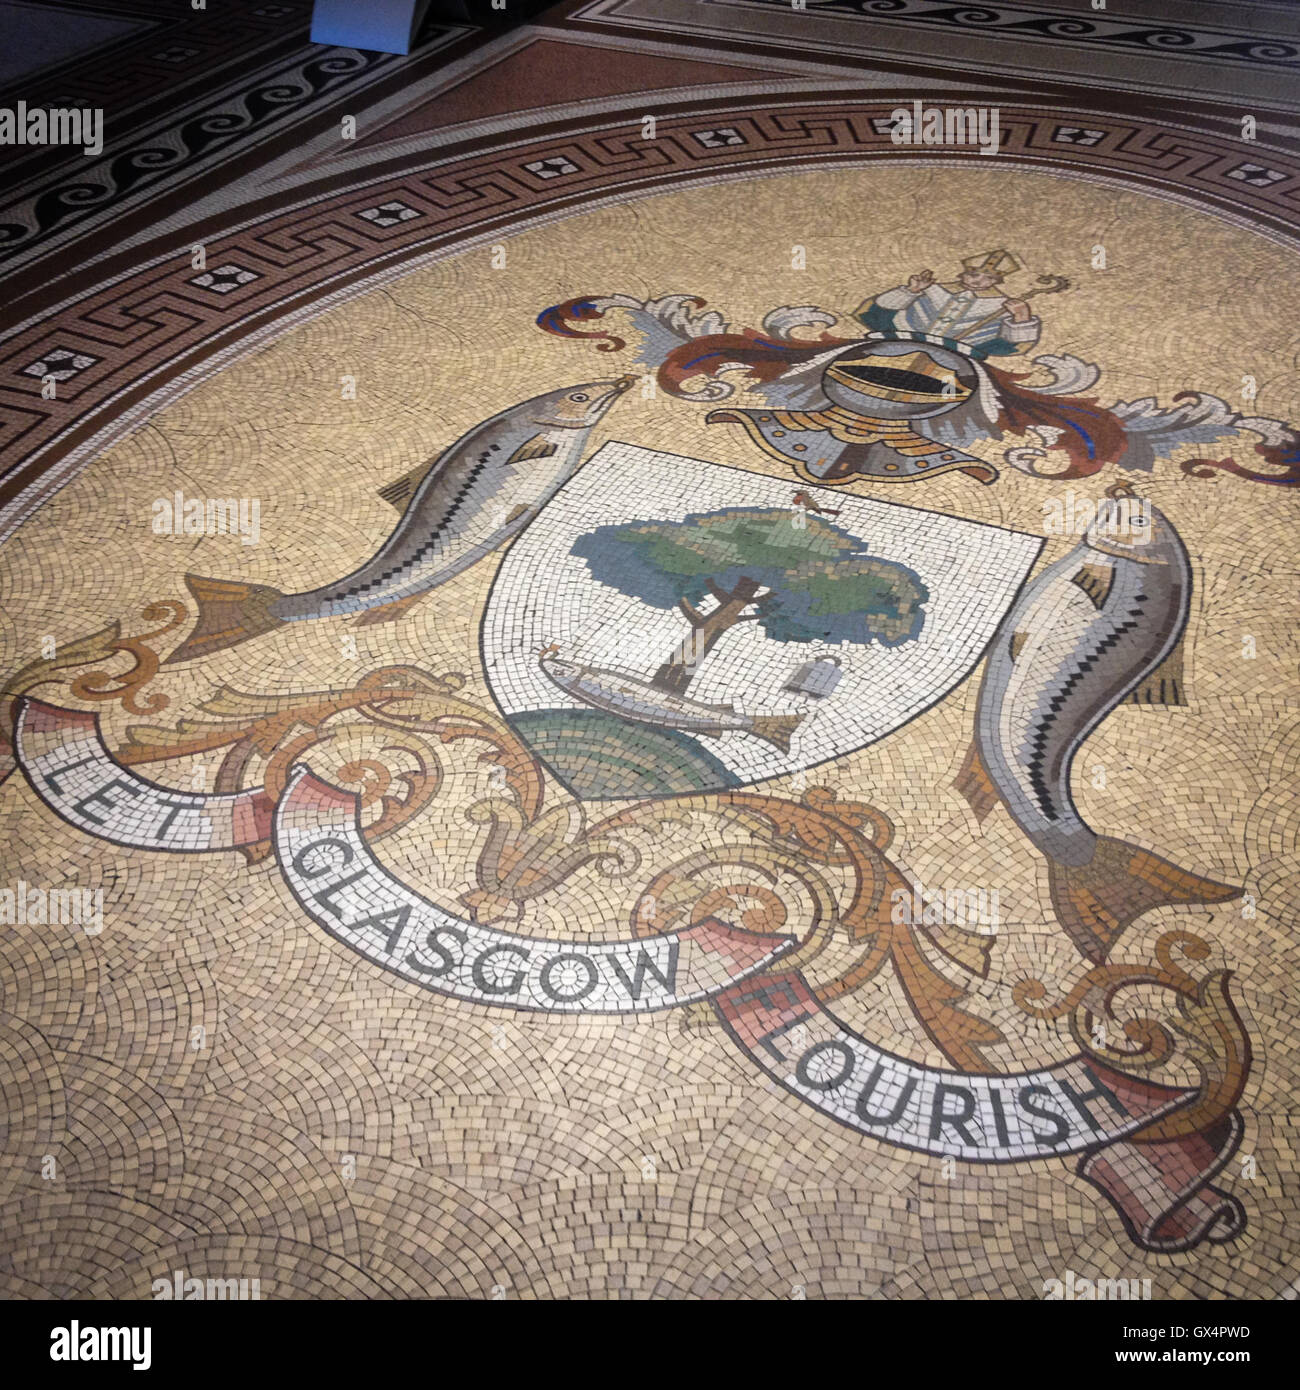 Stemma di Glasgow, pavimentazione in mosaico in City Chambers, a Glasgow in Scozia. Immagini Stock